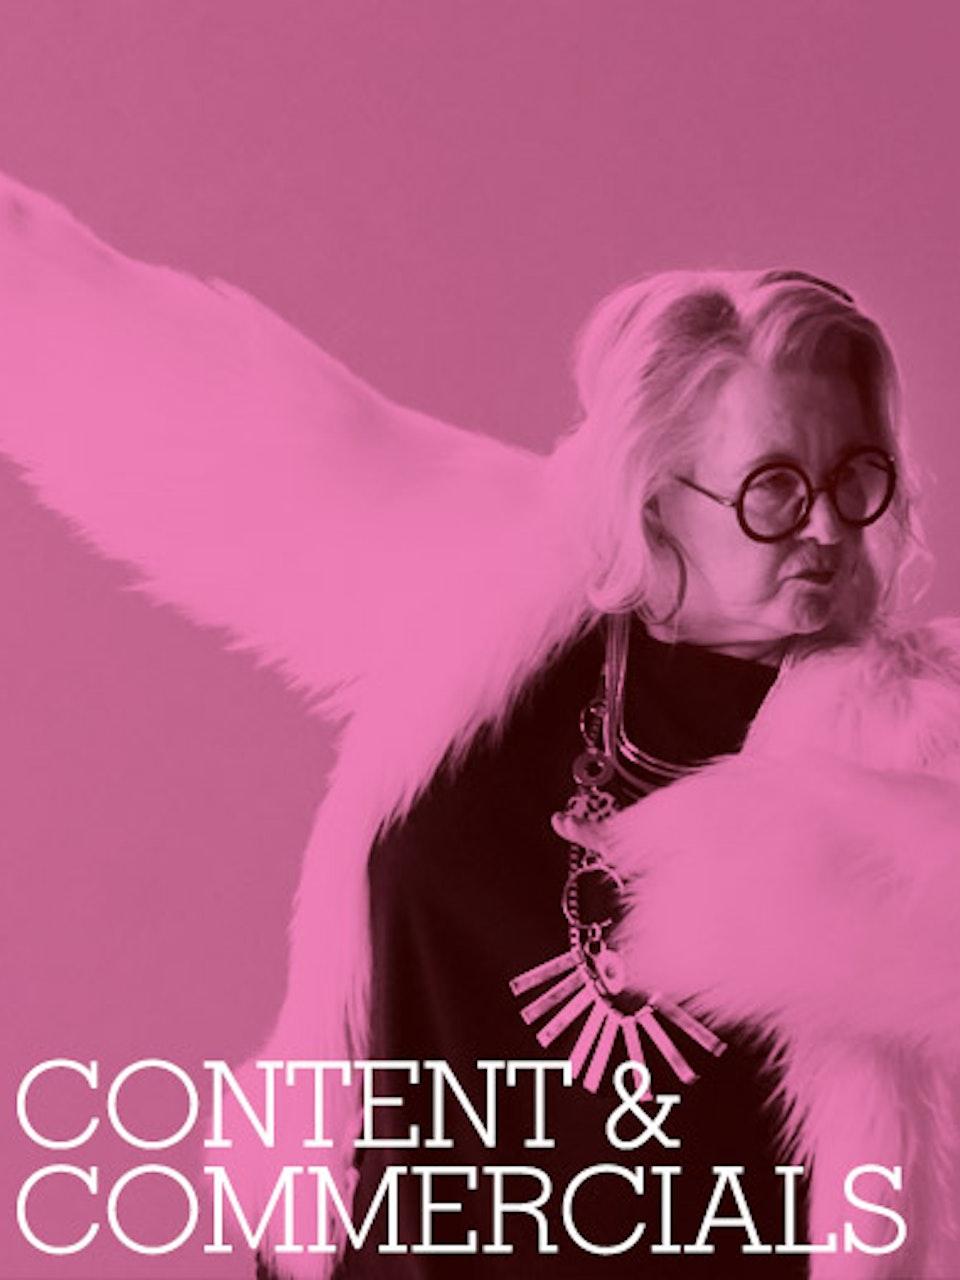 Content & Commercials